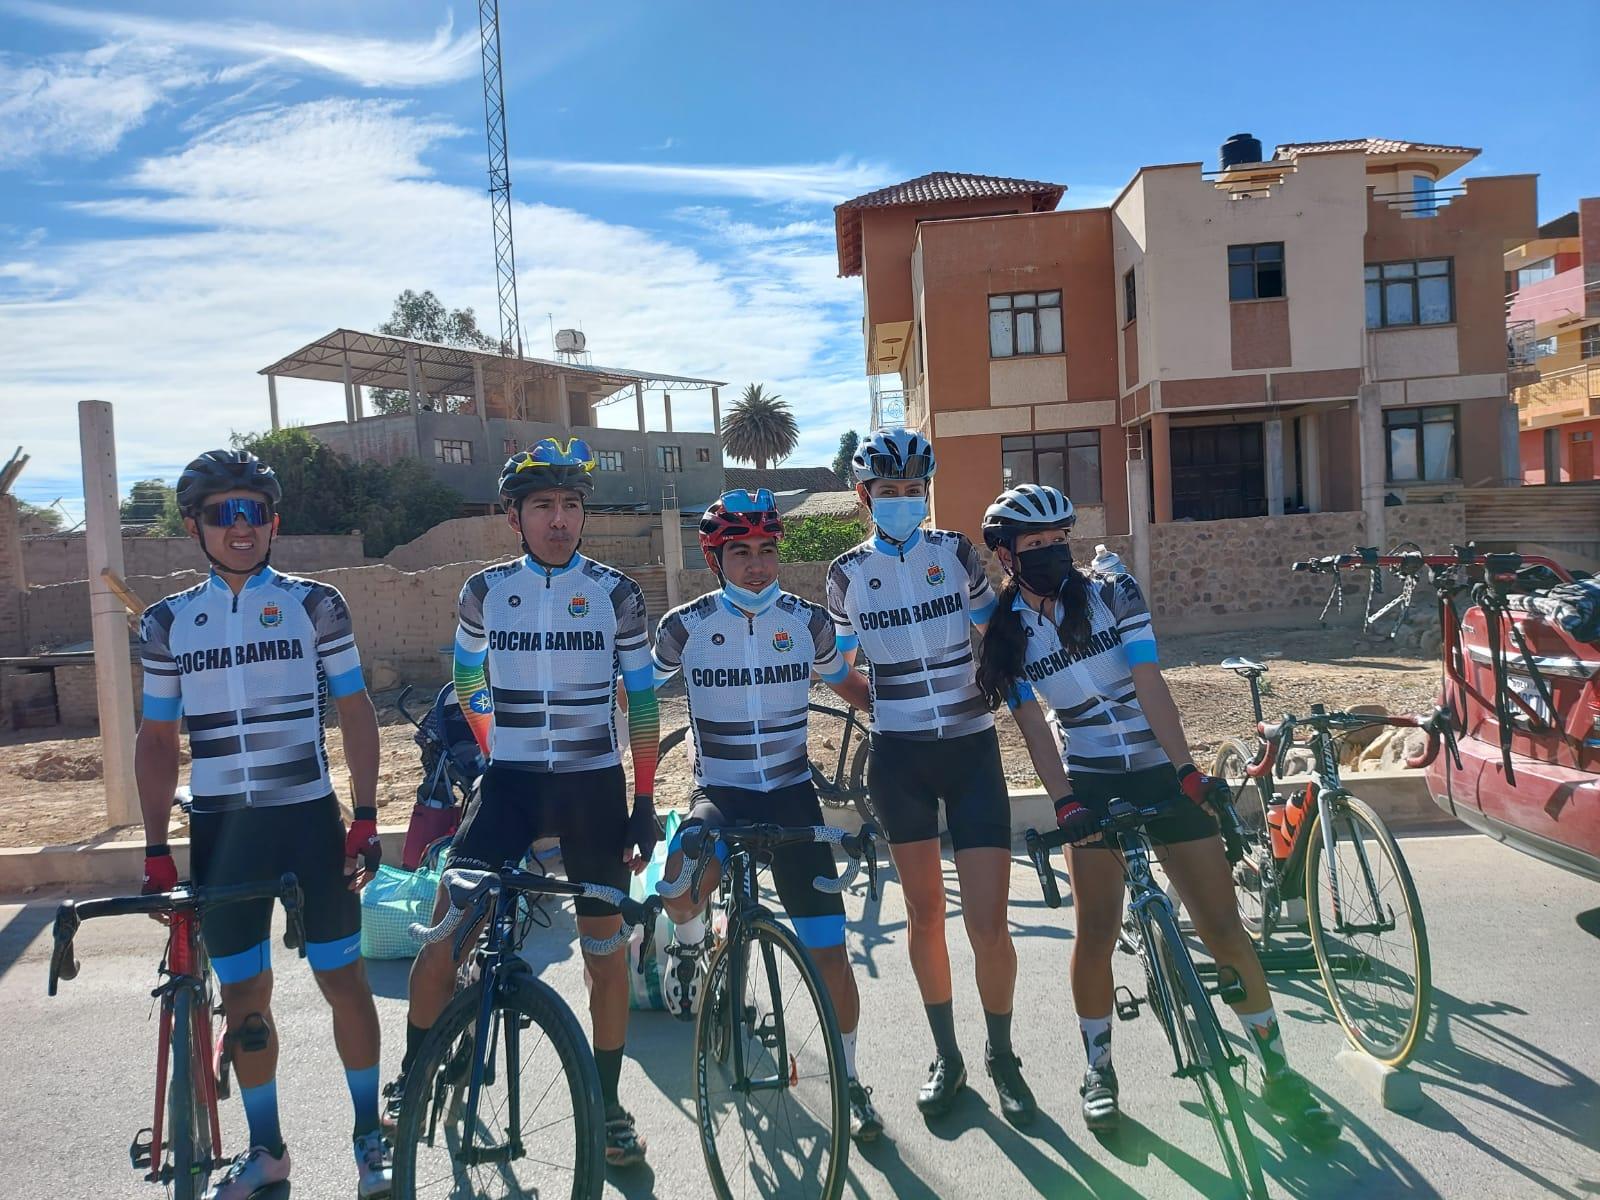 Cochabamba gana el Nacional de ruta en el regreso de Oscar Soliz a las competencias oficiales